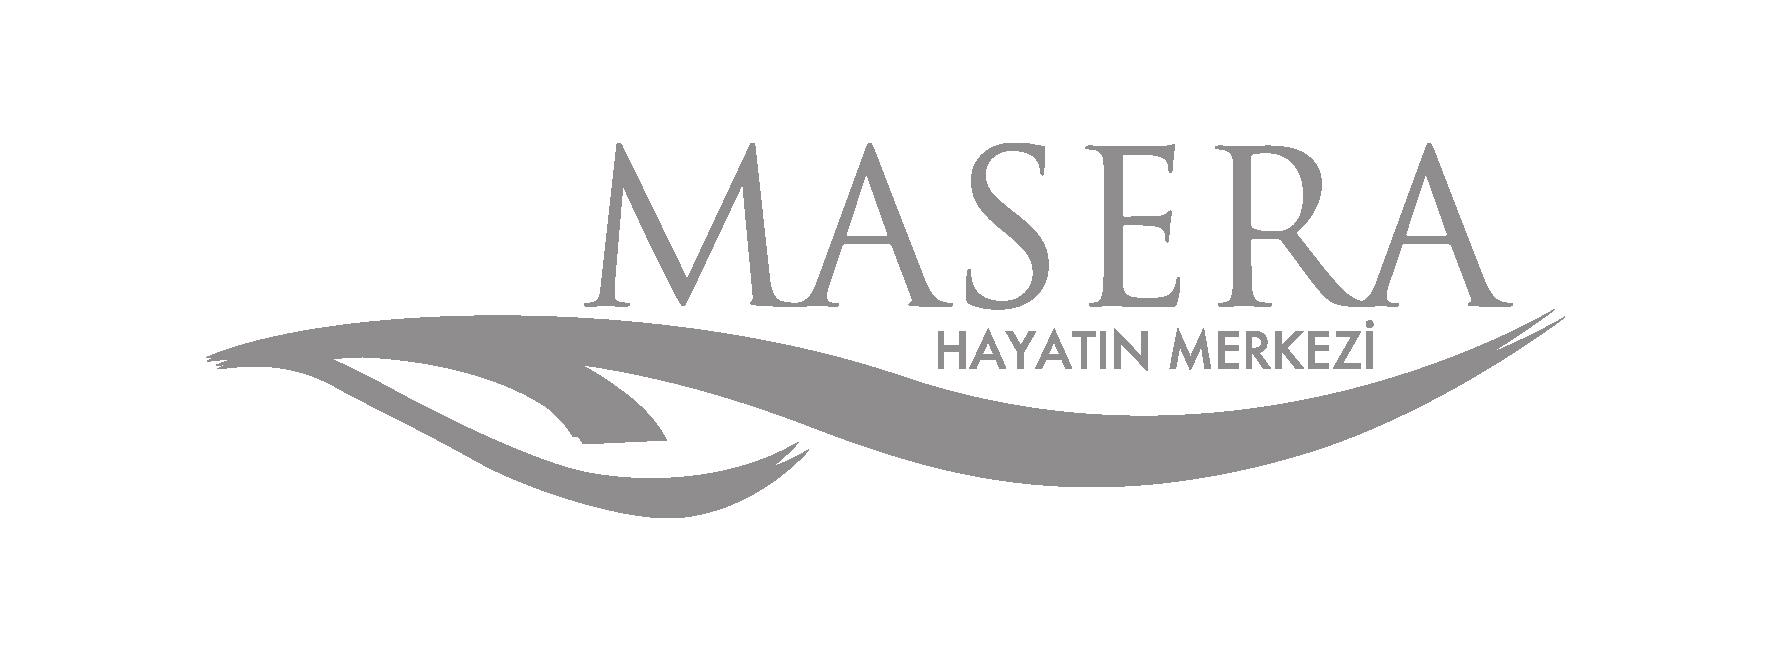 masera